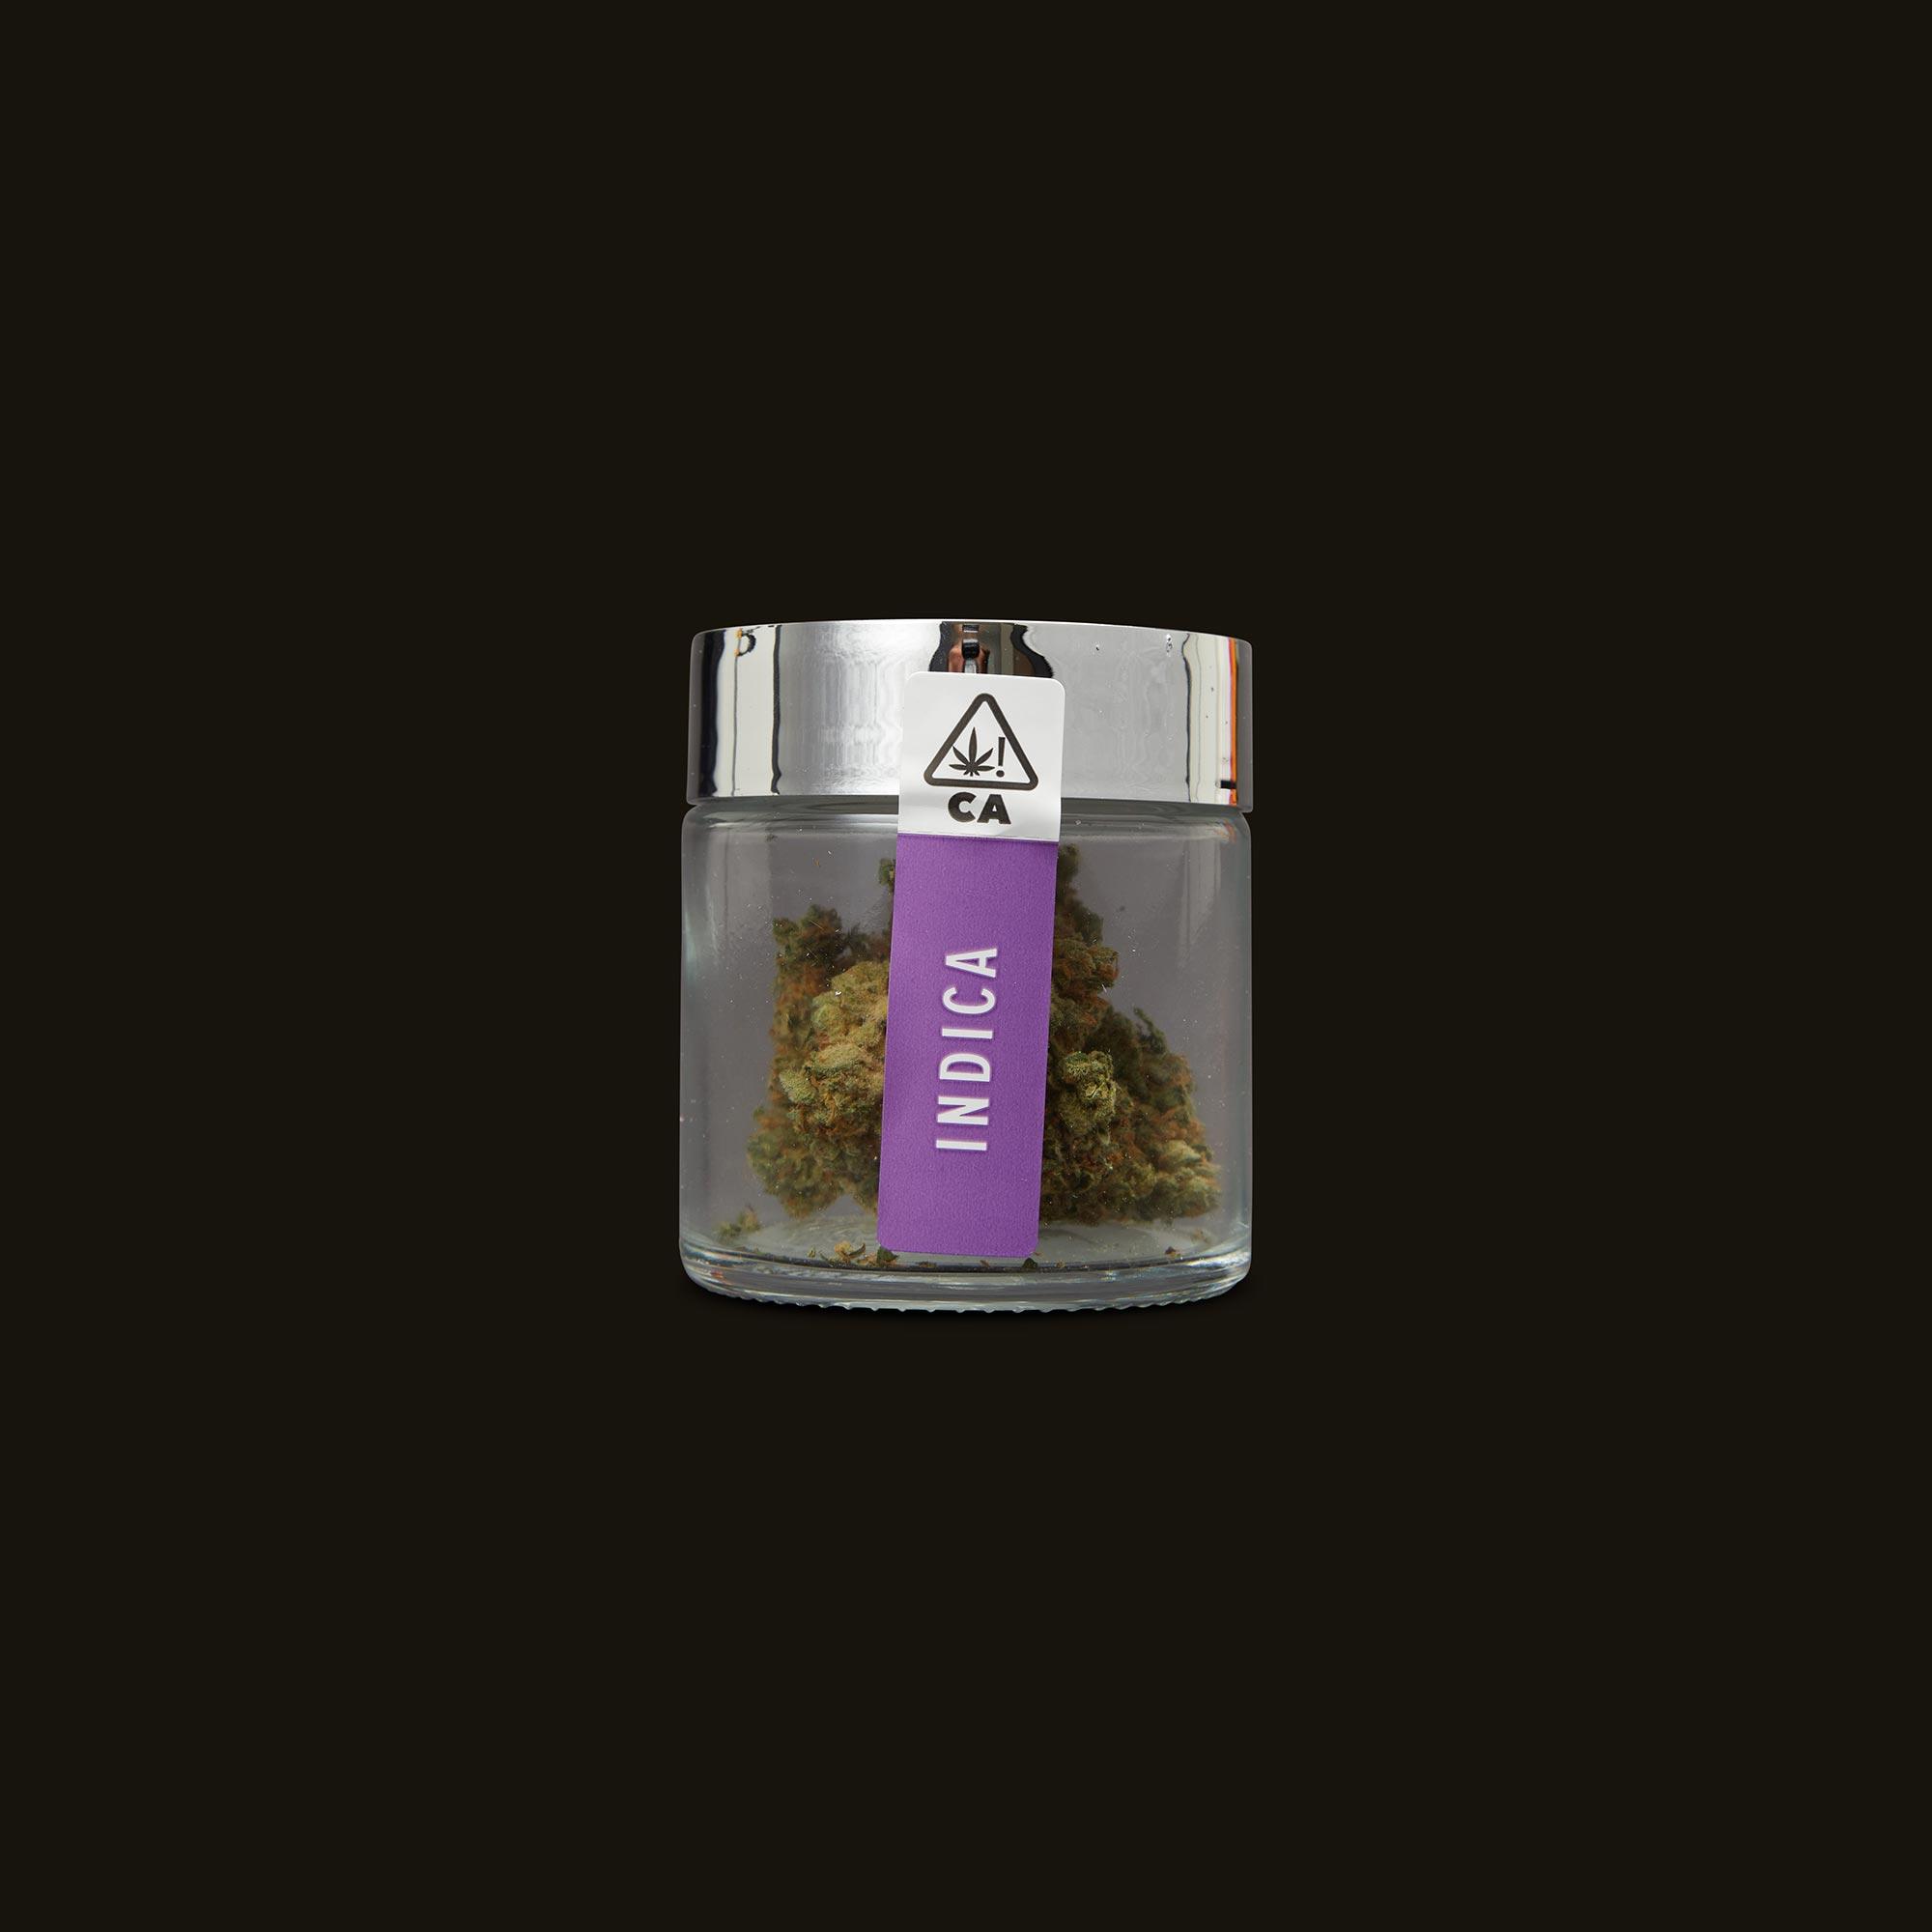 Sessions Super OG Jar